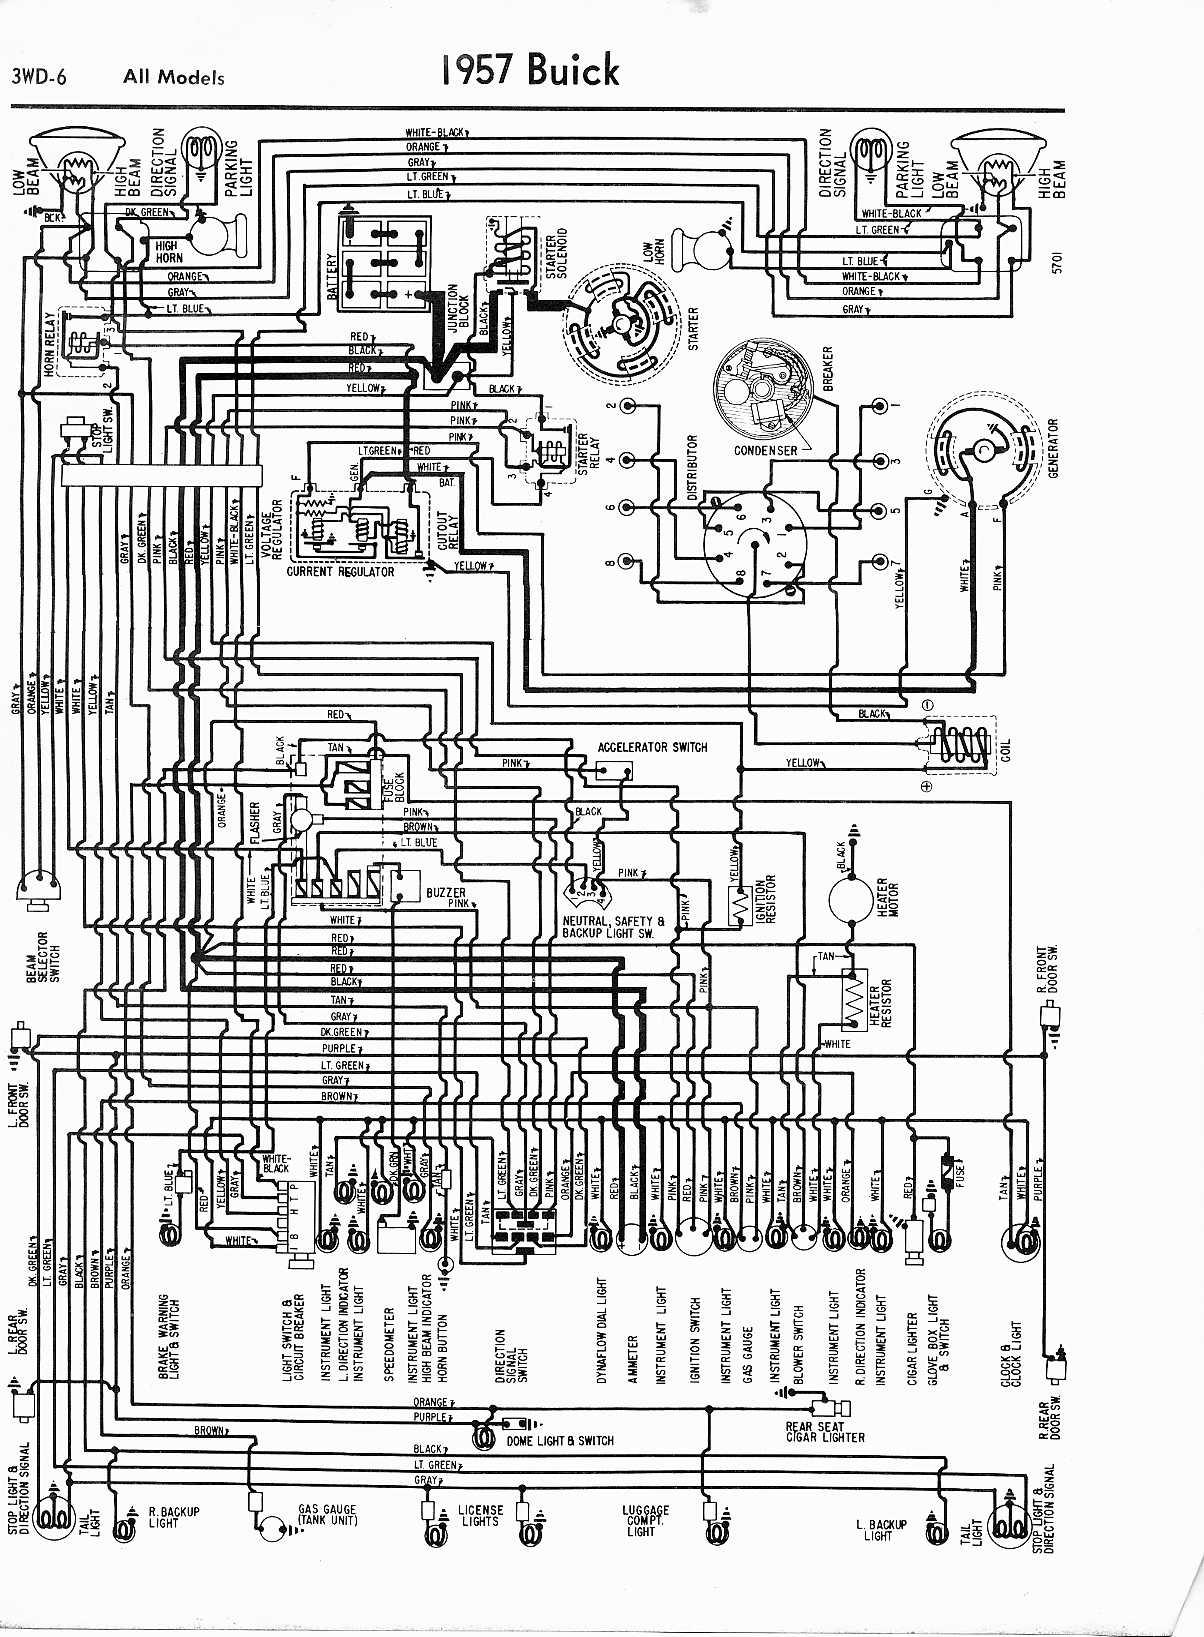 1958 pontiac chieftain wiring diagram zm 2590  1960 pontiac wiring diagram  zm 2590  1960 pontiac wiring diagram